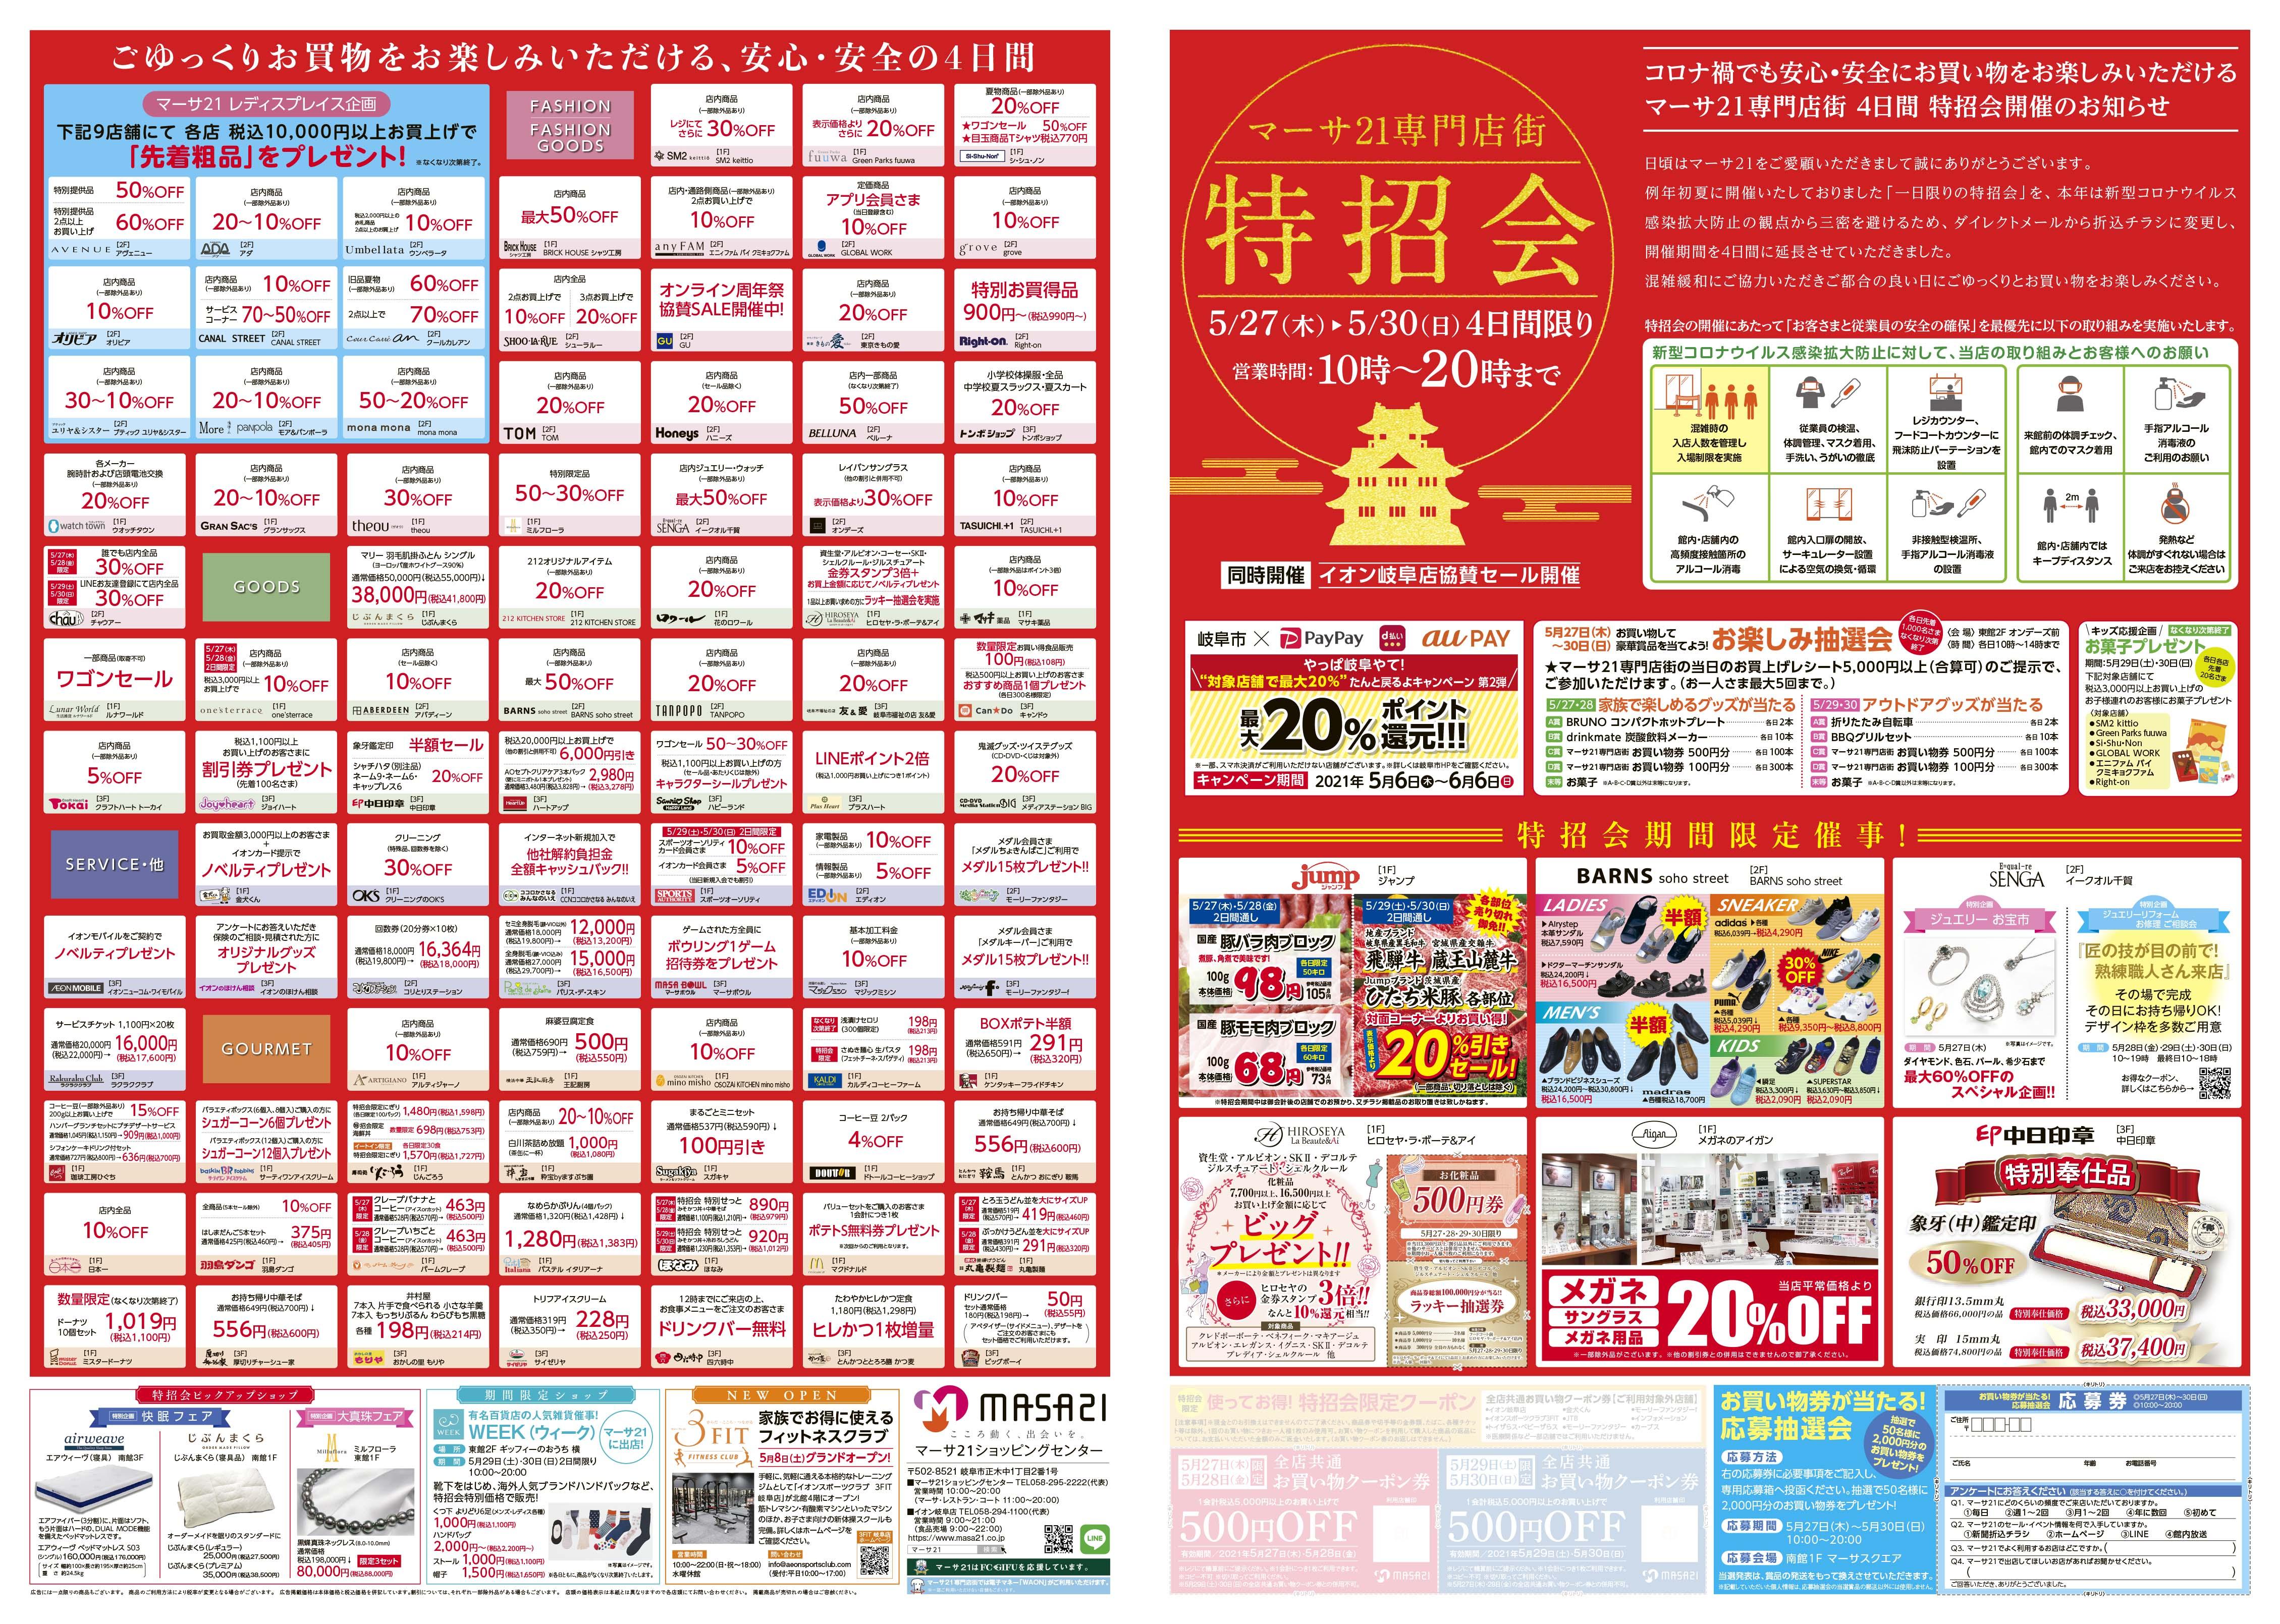 マーサ21特招会5.27-30.jpg